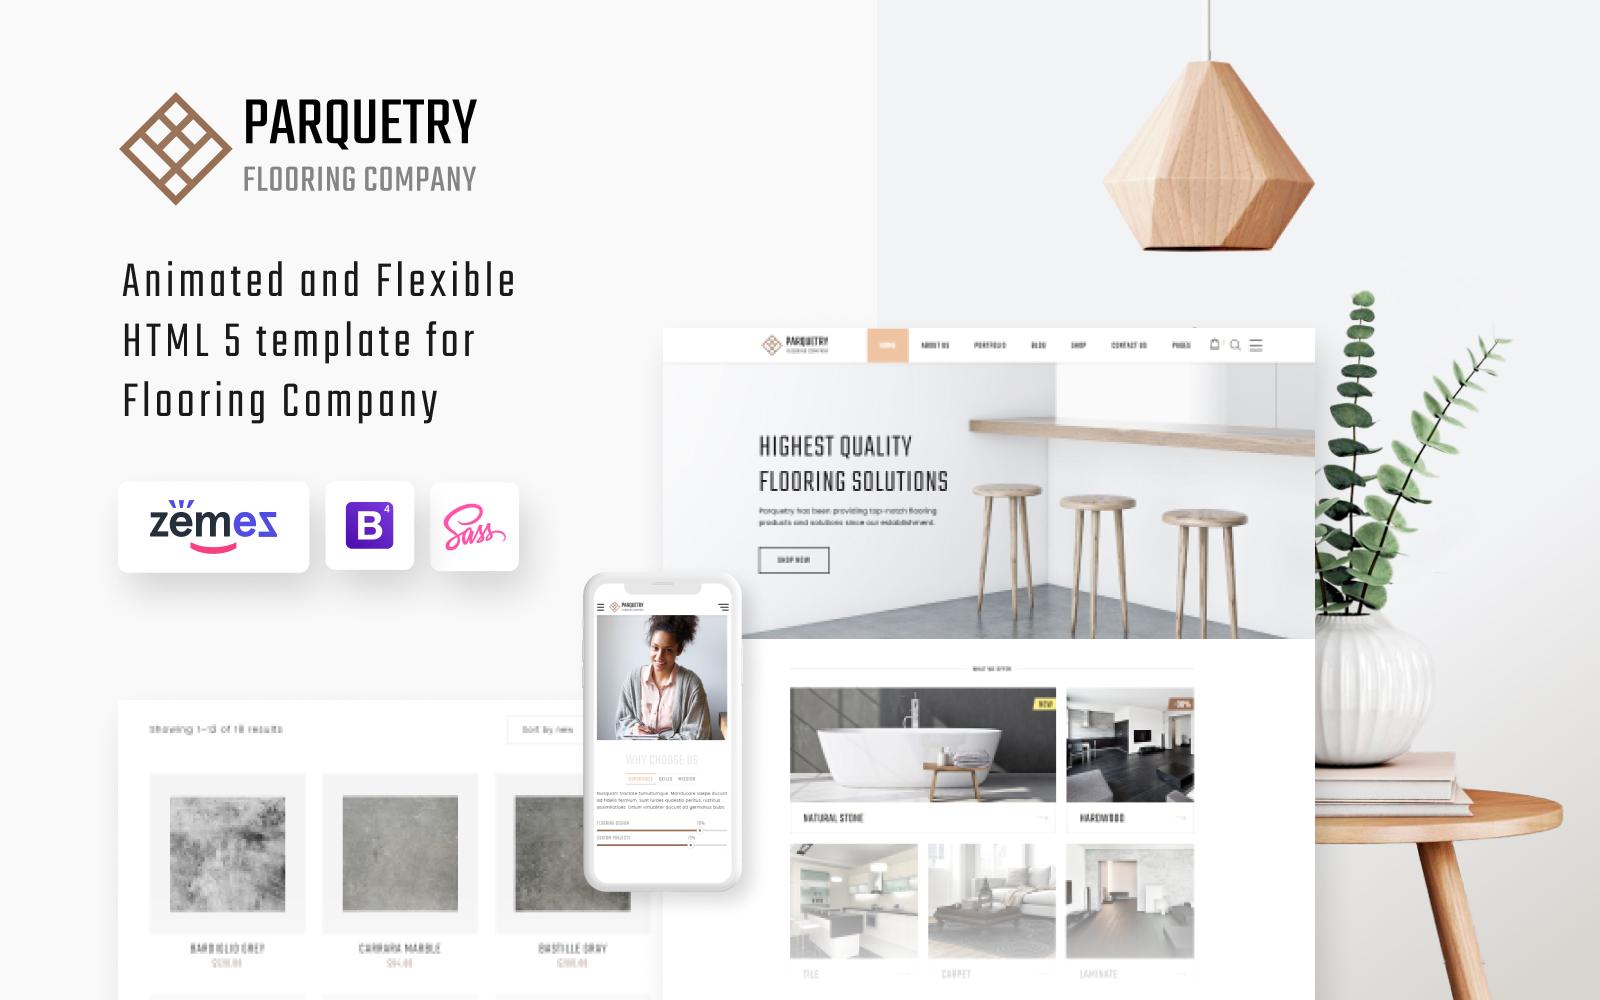 Reszponzív Parquetry - Flooring Company HTML5 Weboldal sablon 55694